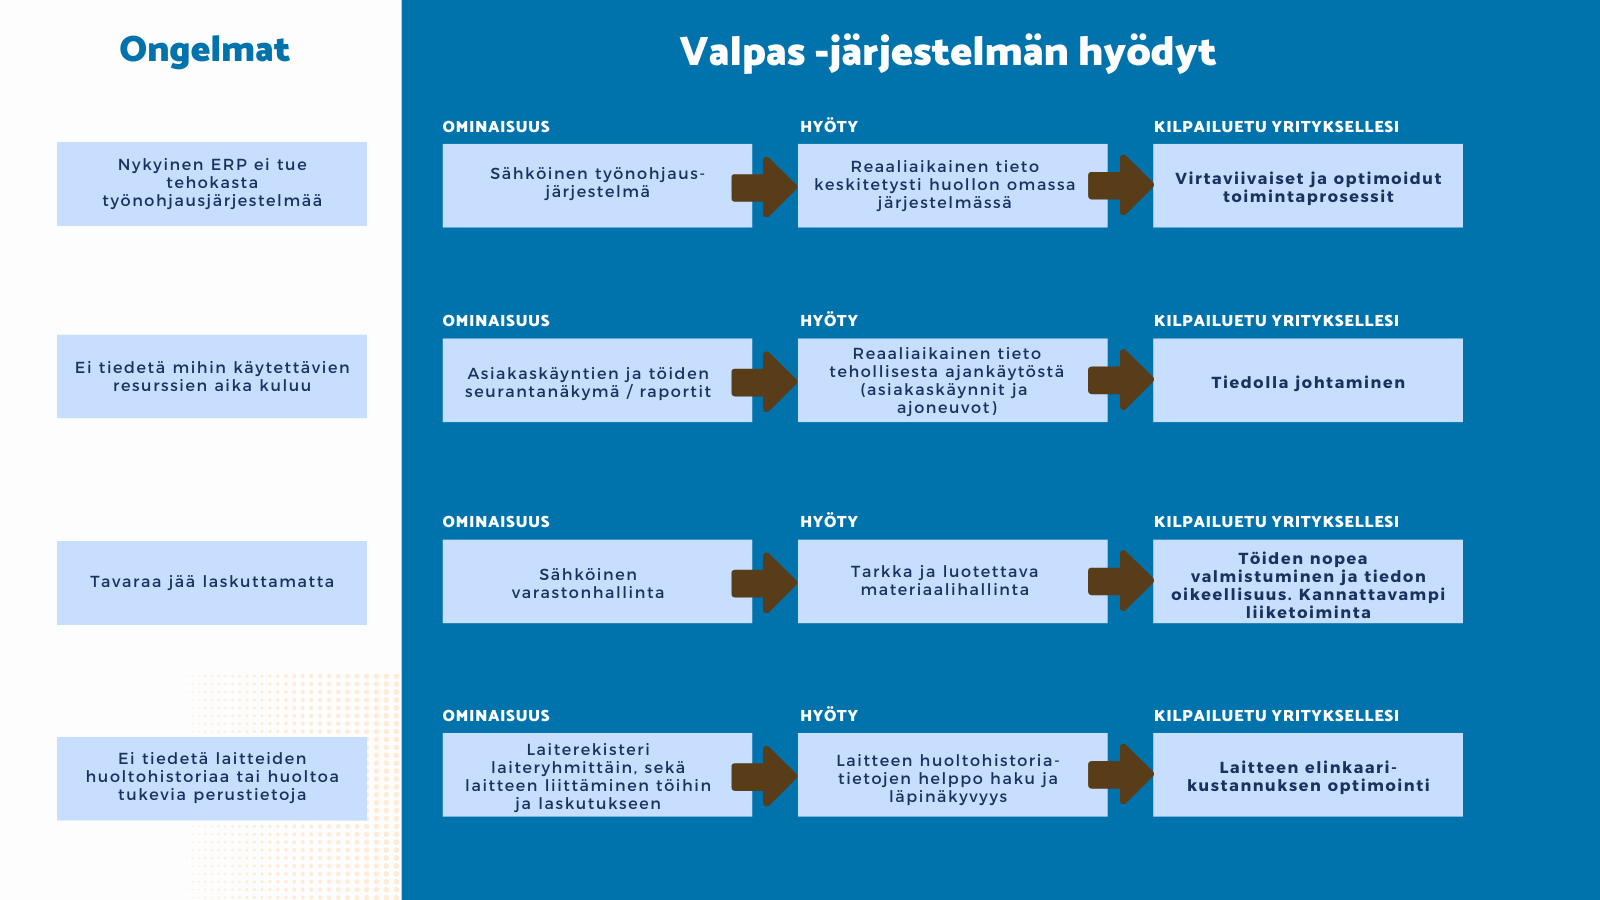 VALPAS työnohjausjärjestelmän hyödyt ja kilpailuetu LogiNets Oy